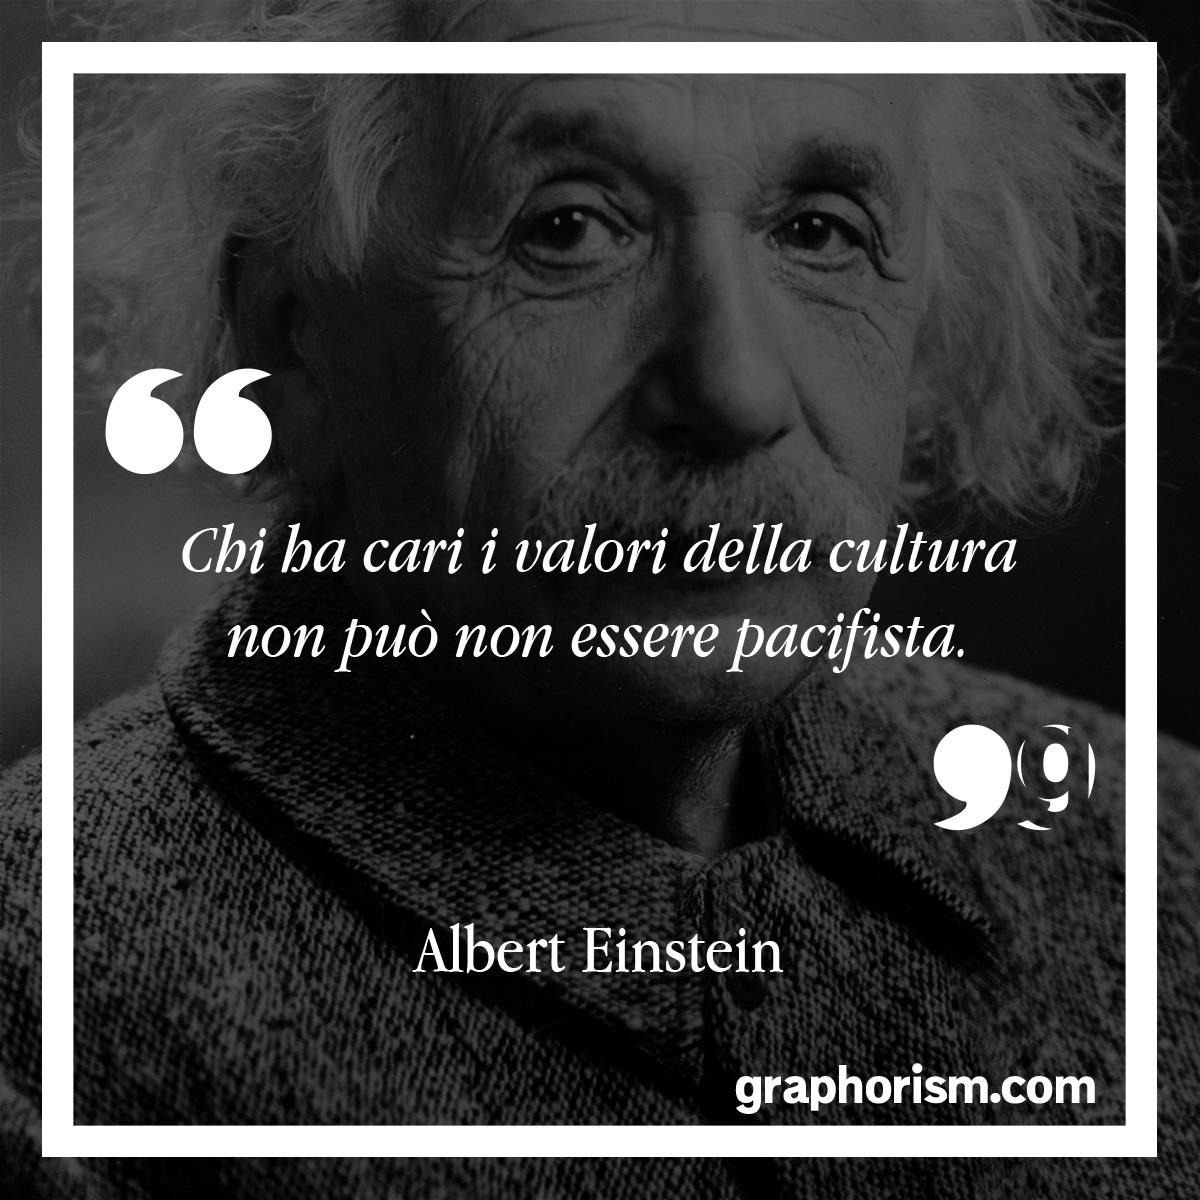 Albert Einstein: Chi ha cari i valori della cultura non può non essere pacifista.